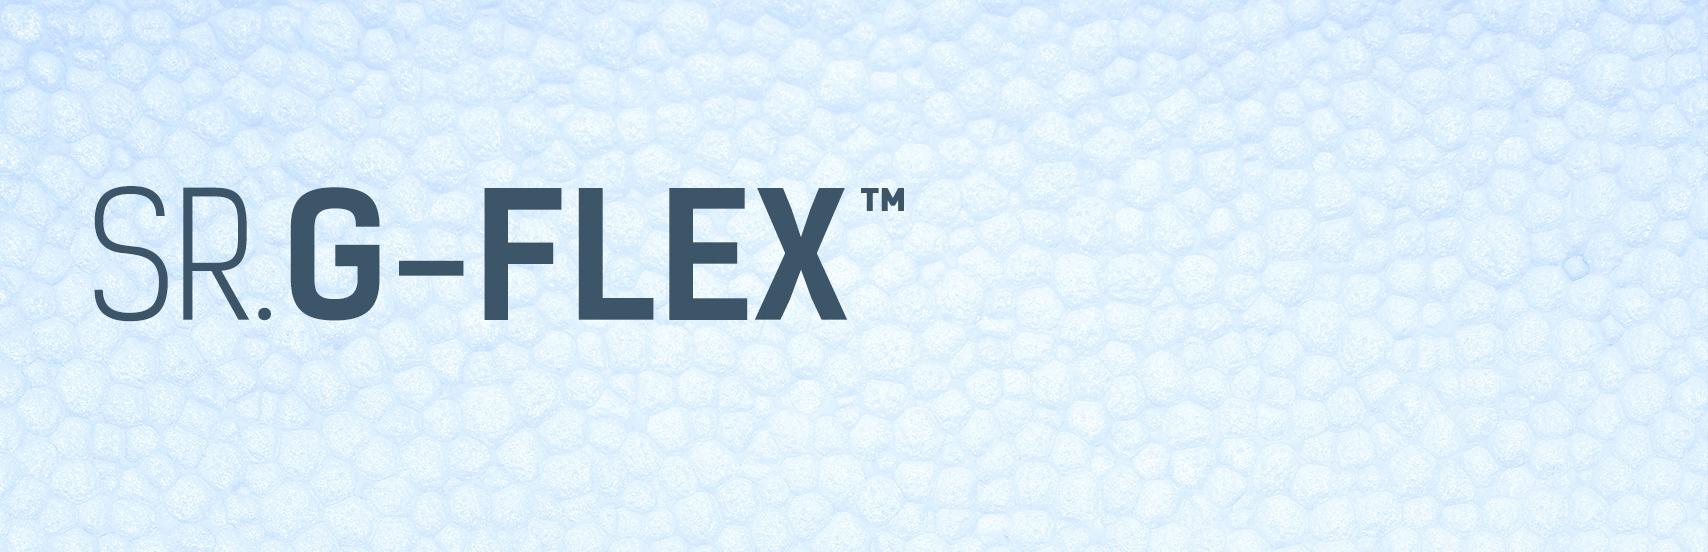 SRGlex_Top1